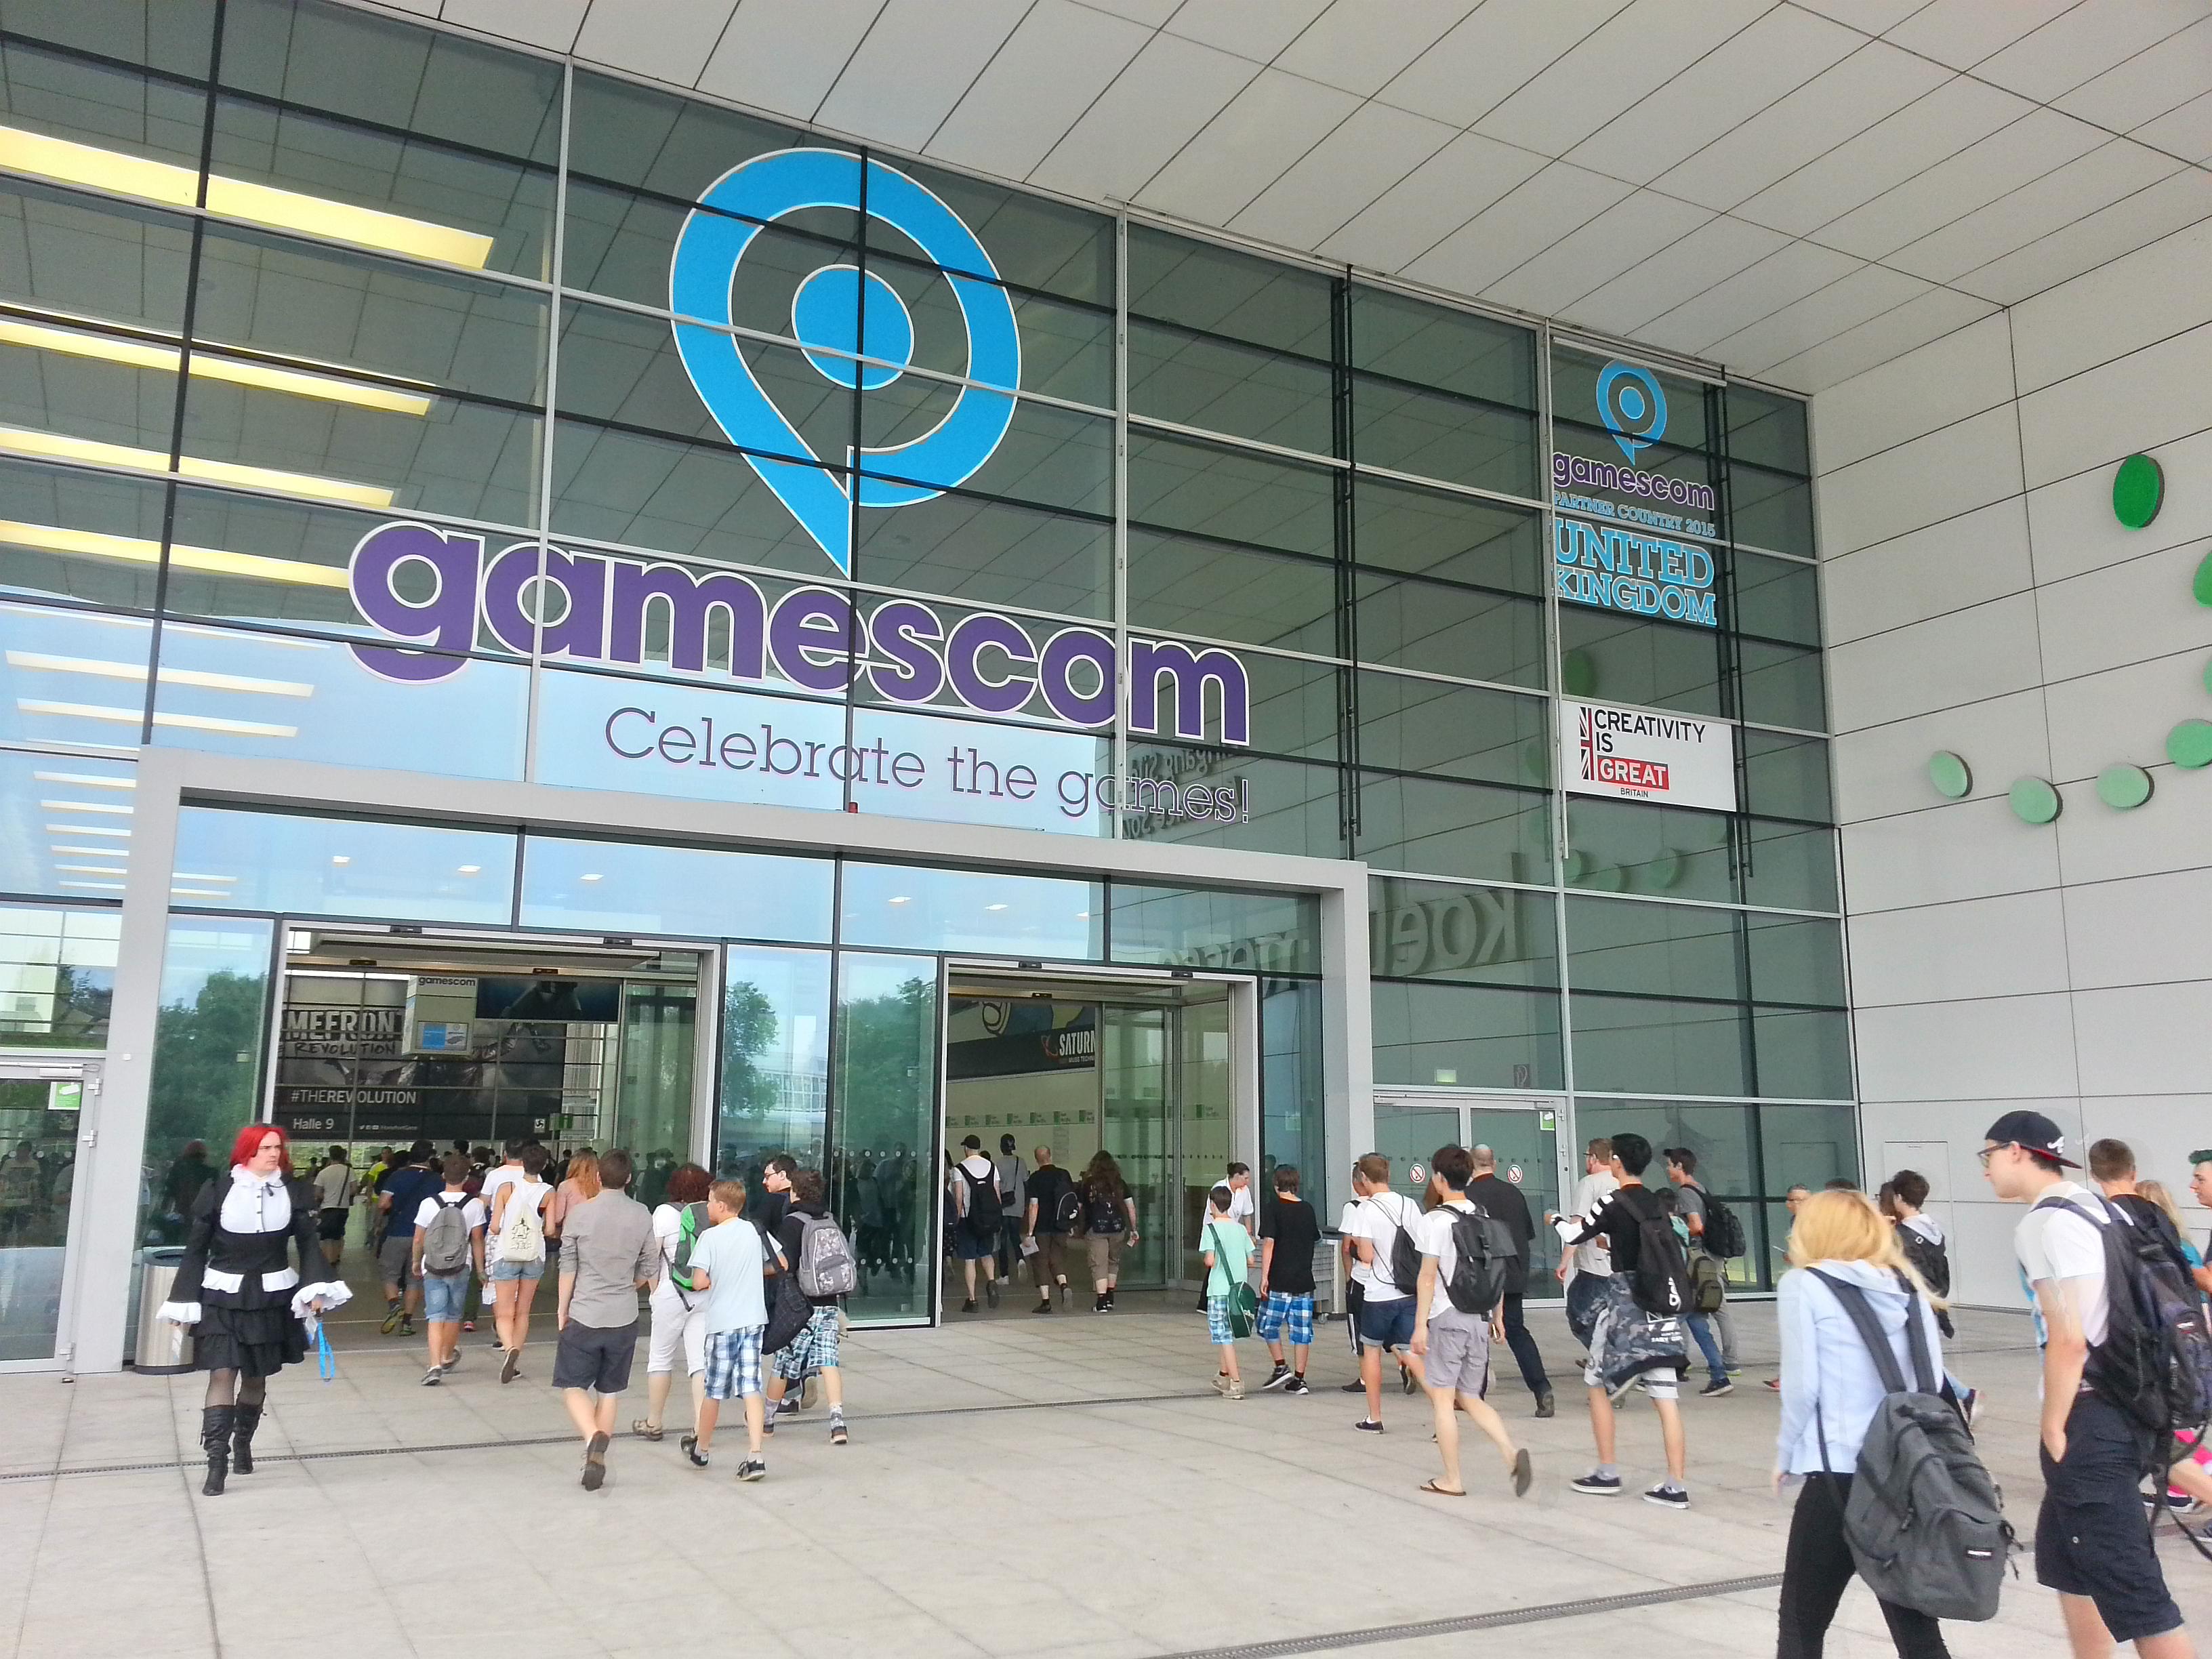 Südeingang der Gamescom 2015 (CC BY-SA 4.0)